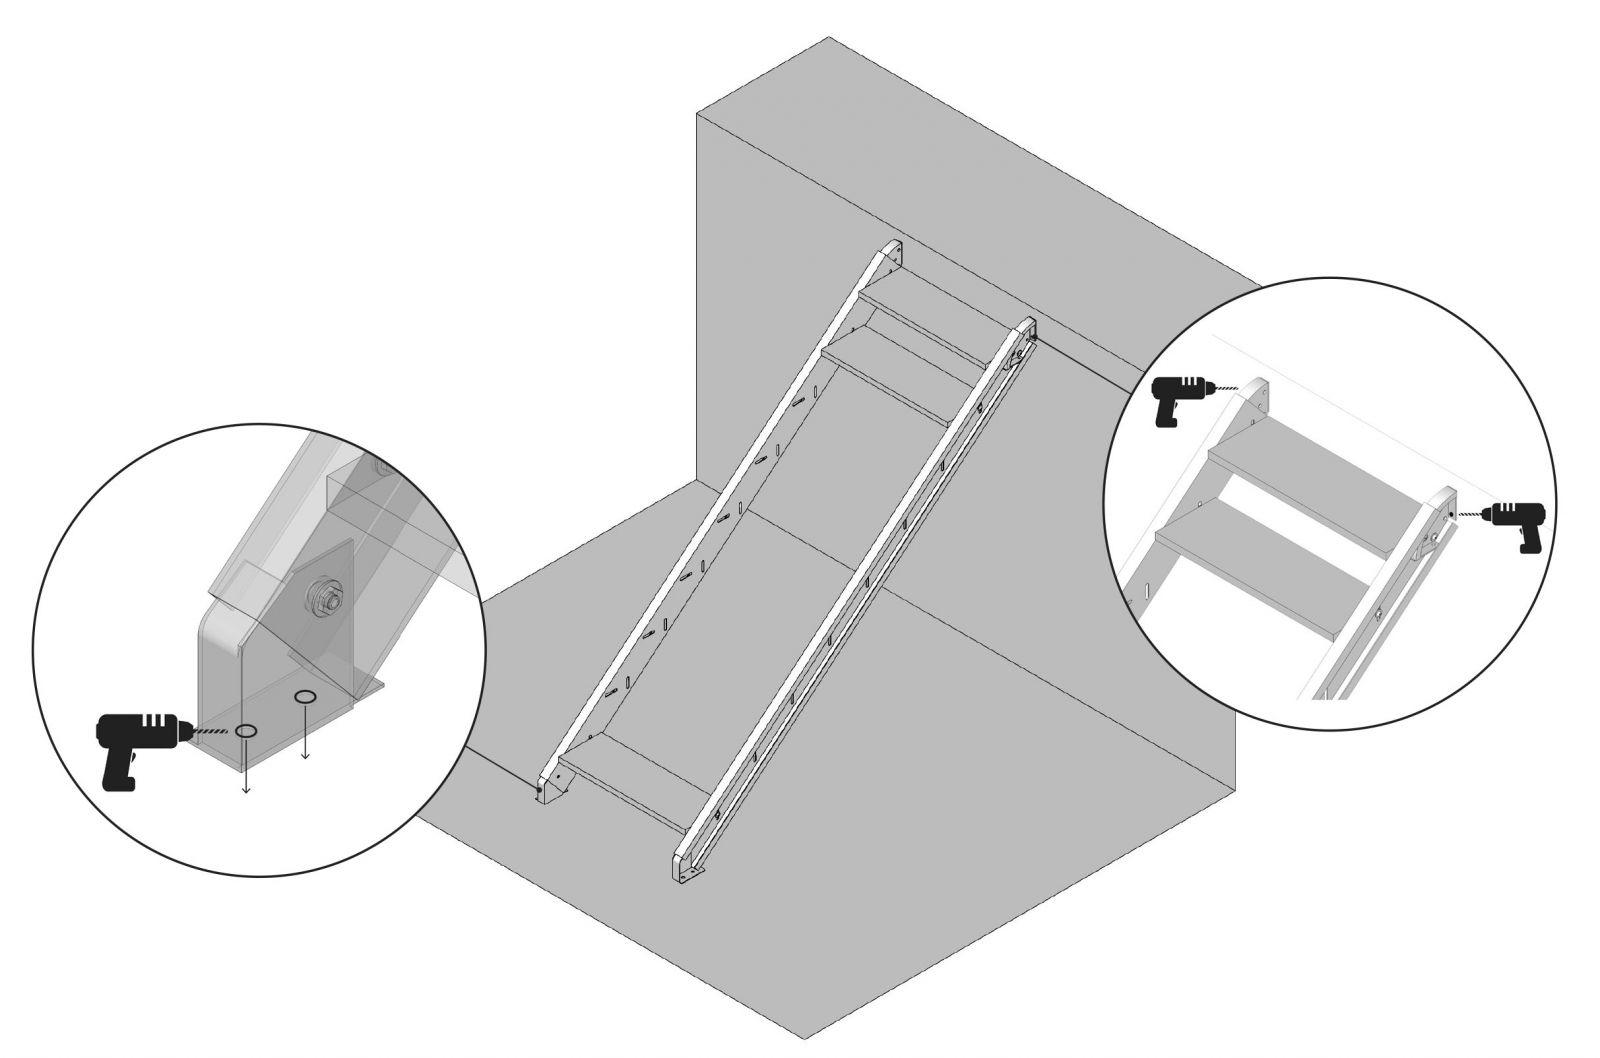 Danach Verankern Sie Treppe An Wand Und In Den Untergrund Befestigen Verankerungen Nicht Fest